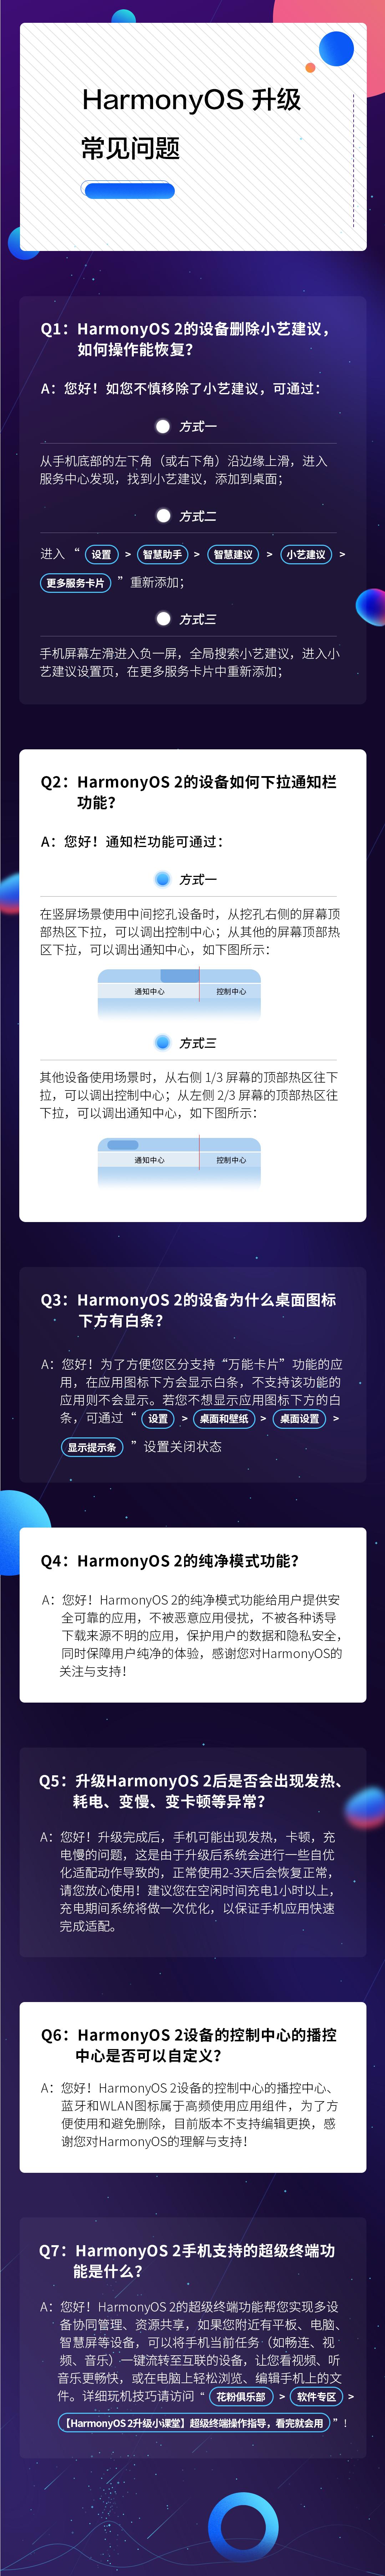 Harmony OS 常见问题.png